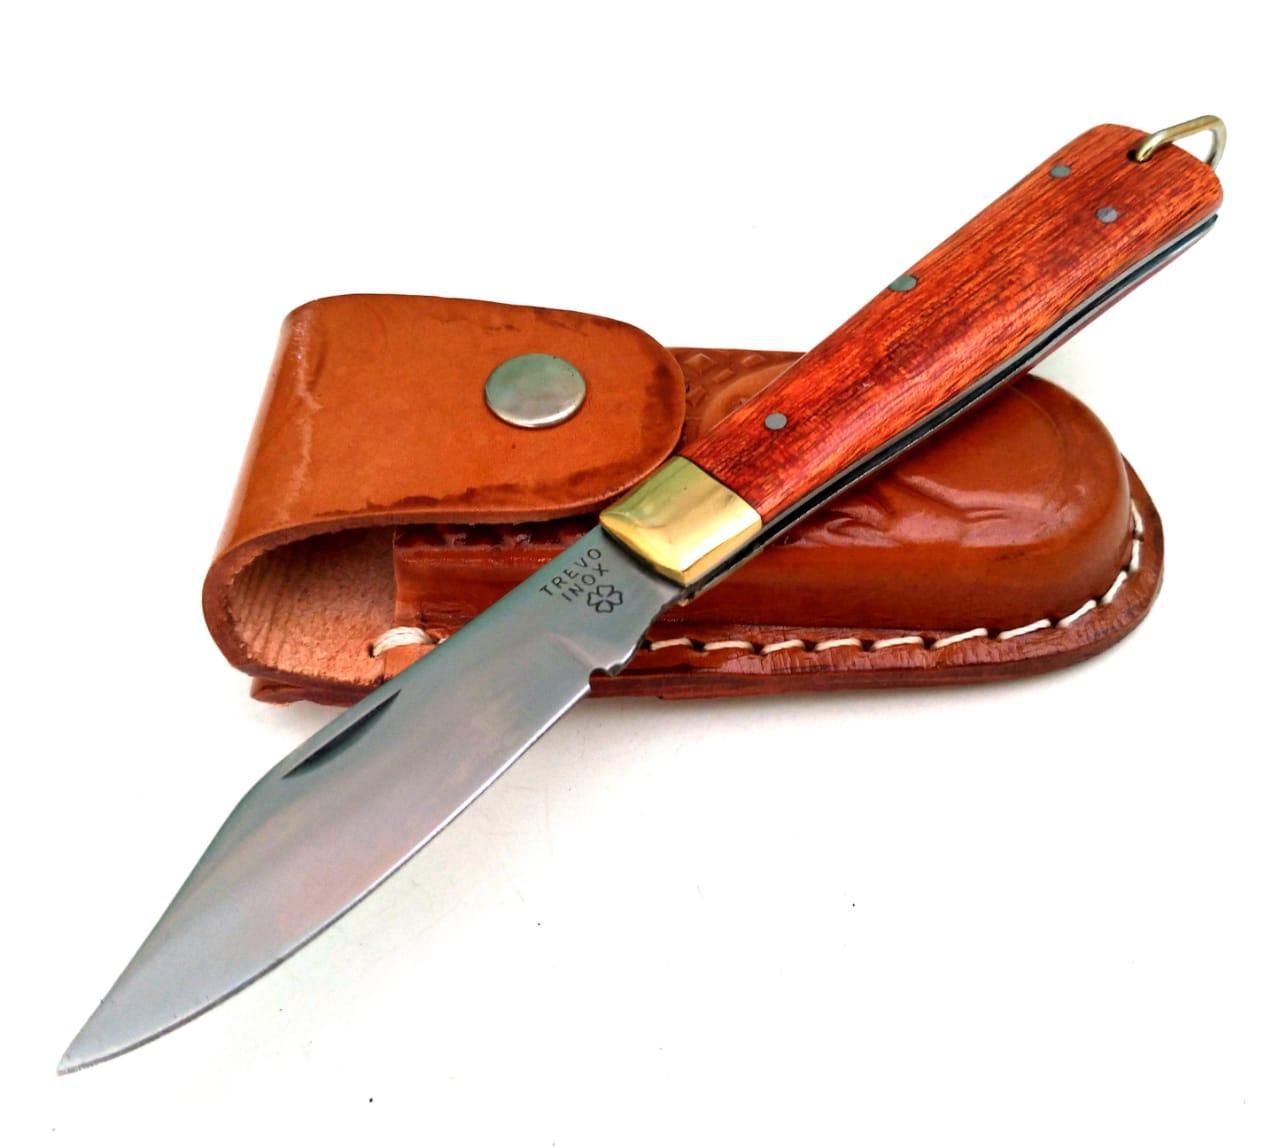 Canivete artesanal esportivo em aço inox e cabo em cabreúva